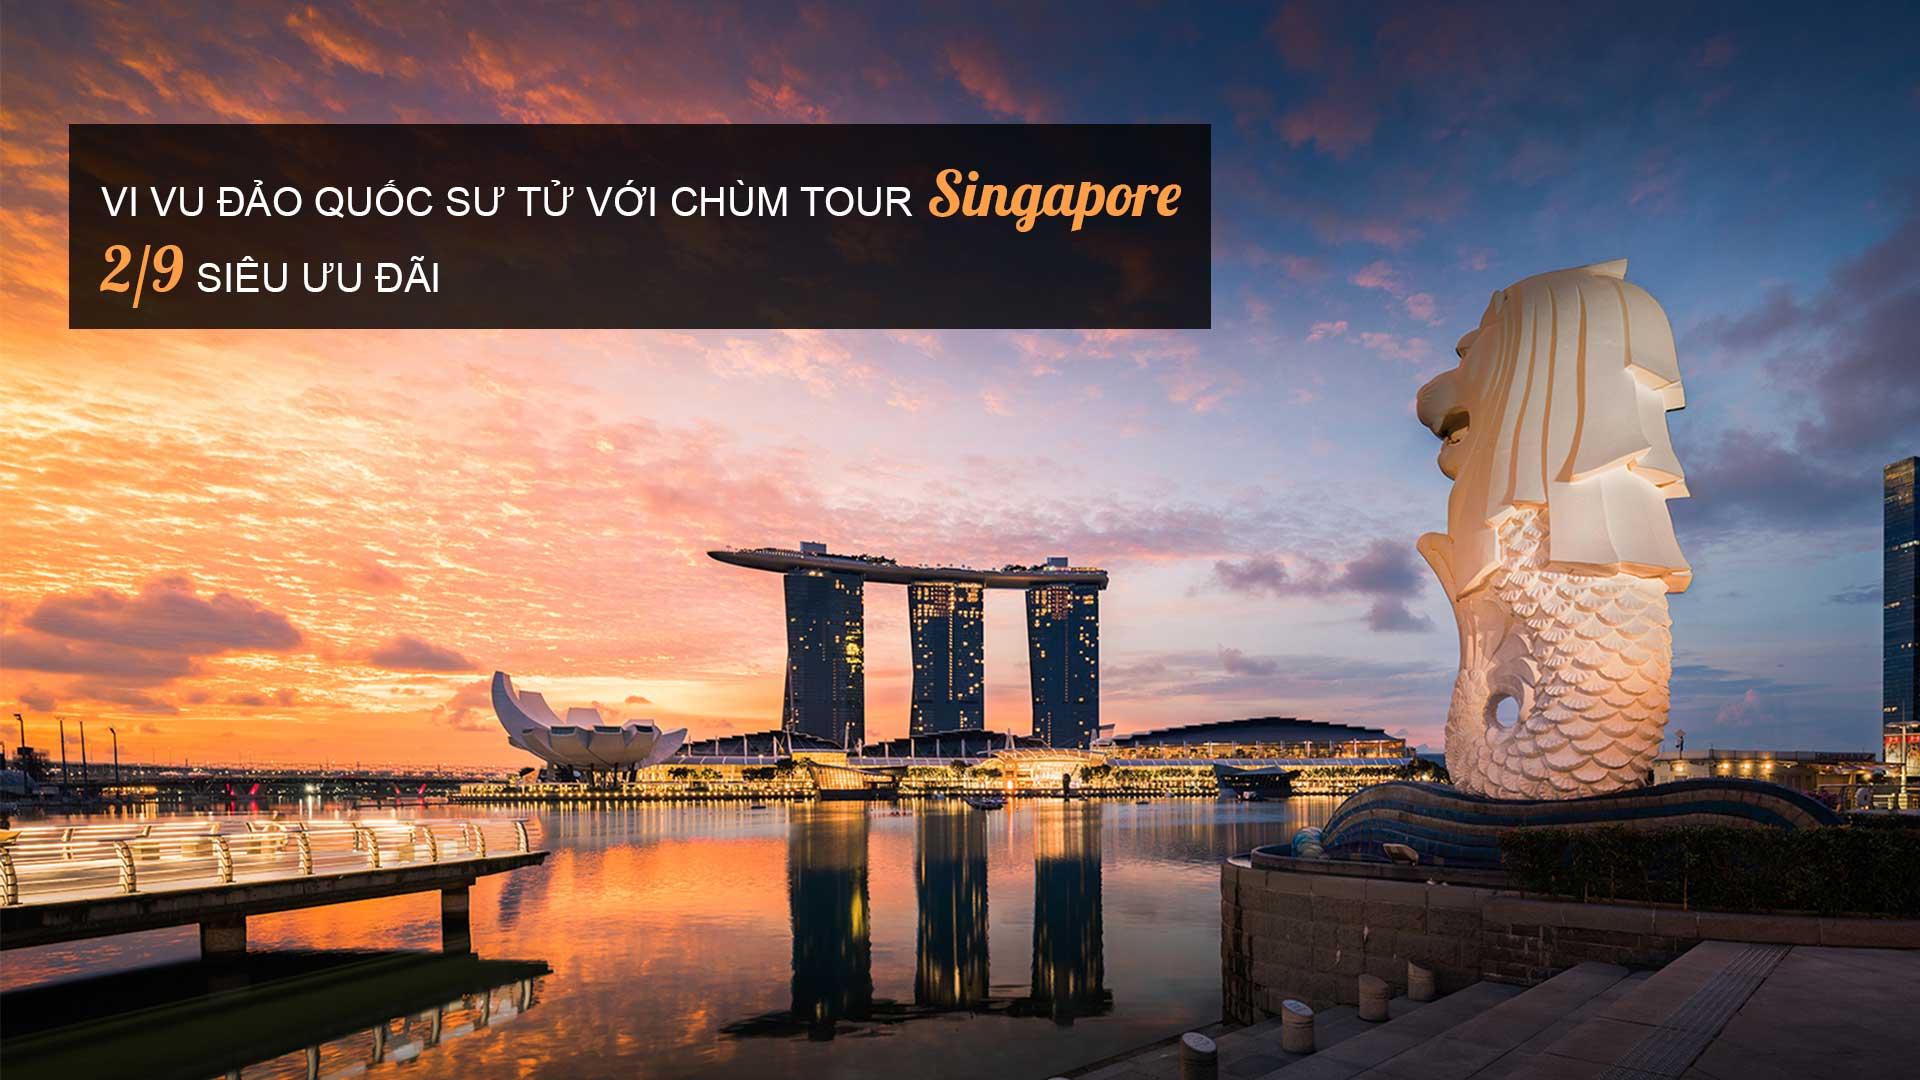 Chùm Tour Singapore 2/9 2020| TRỌN GÓI CHỈ 10.400.000Đ